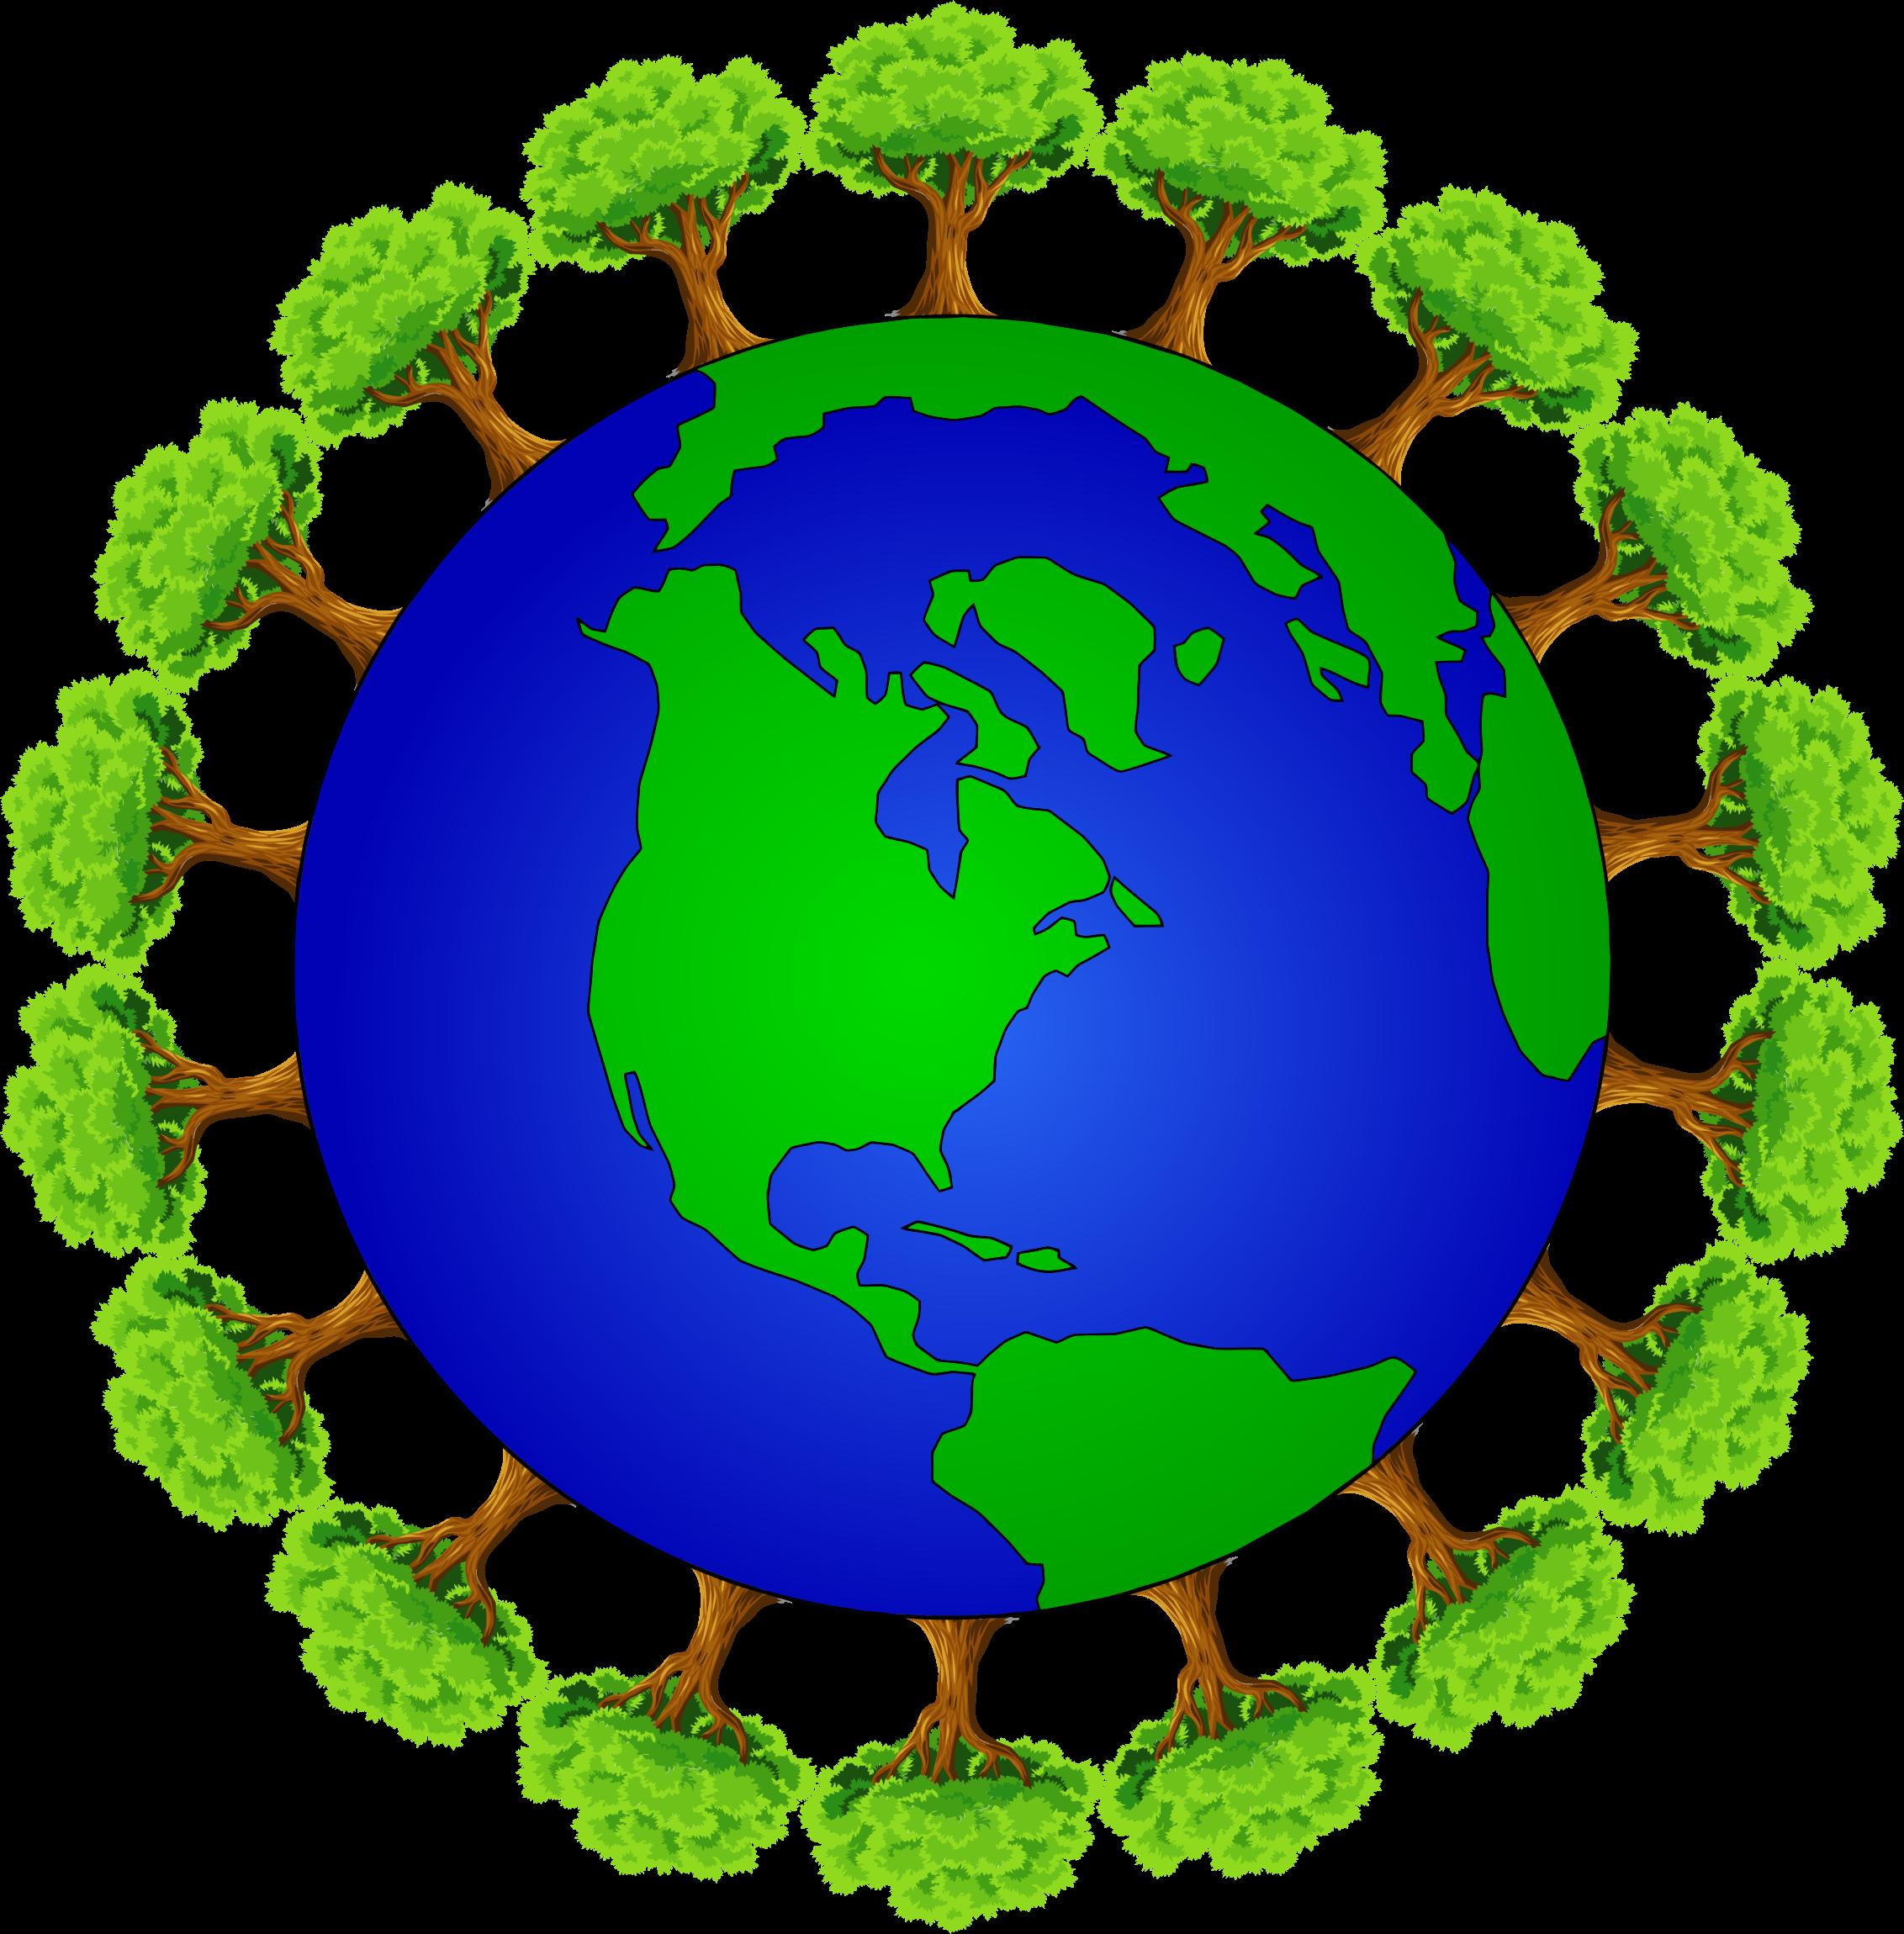 Clipart world circle. Arboreal earth big image